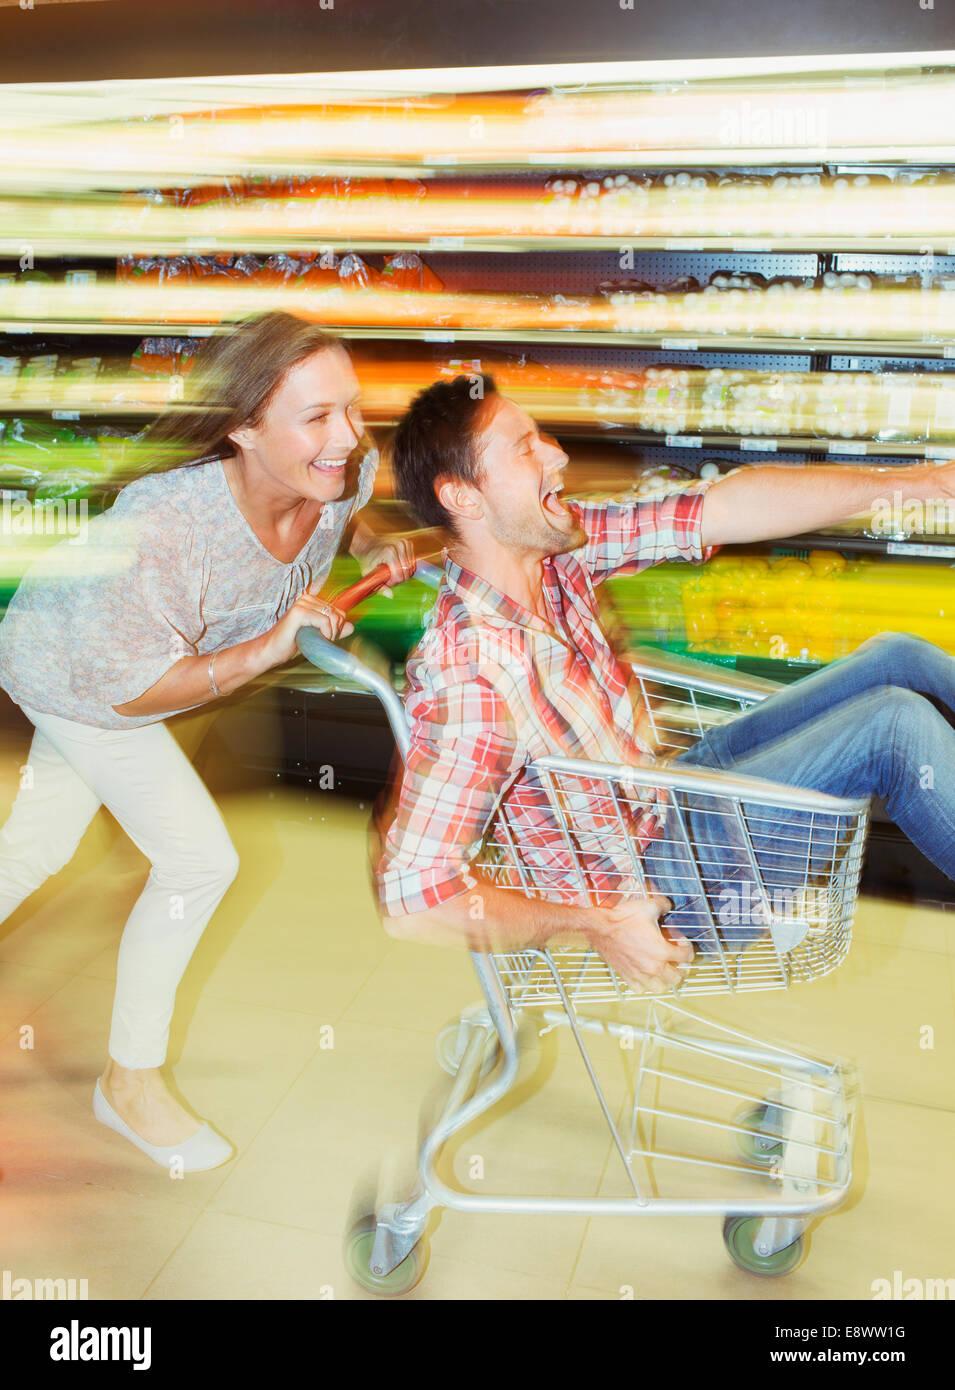 Verschwommene Sicht auf paar spielen im Supermarkt Stockbild